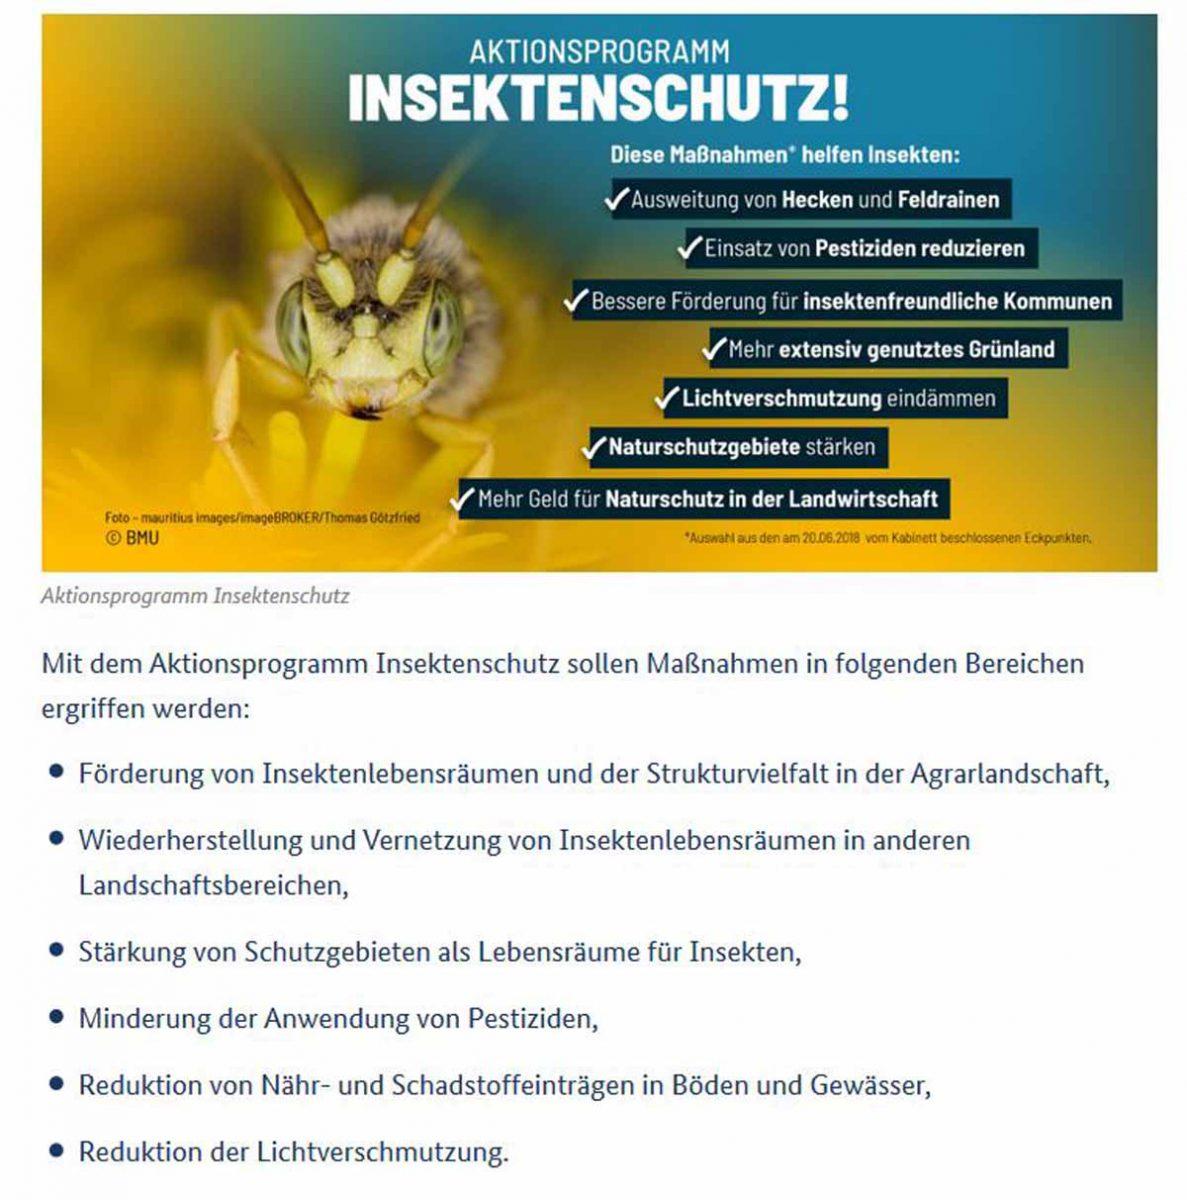 BfN internetseite Aktionsprogramm